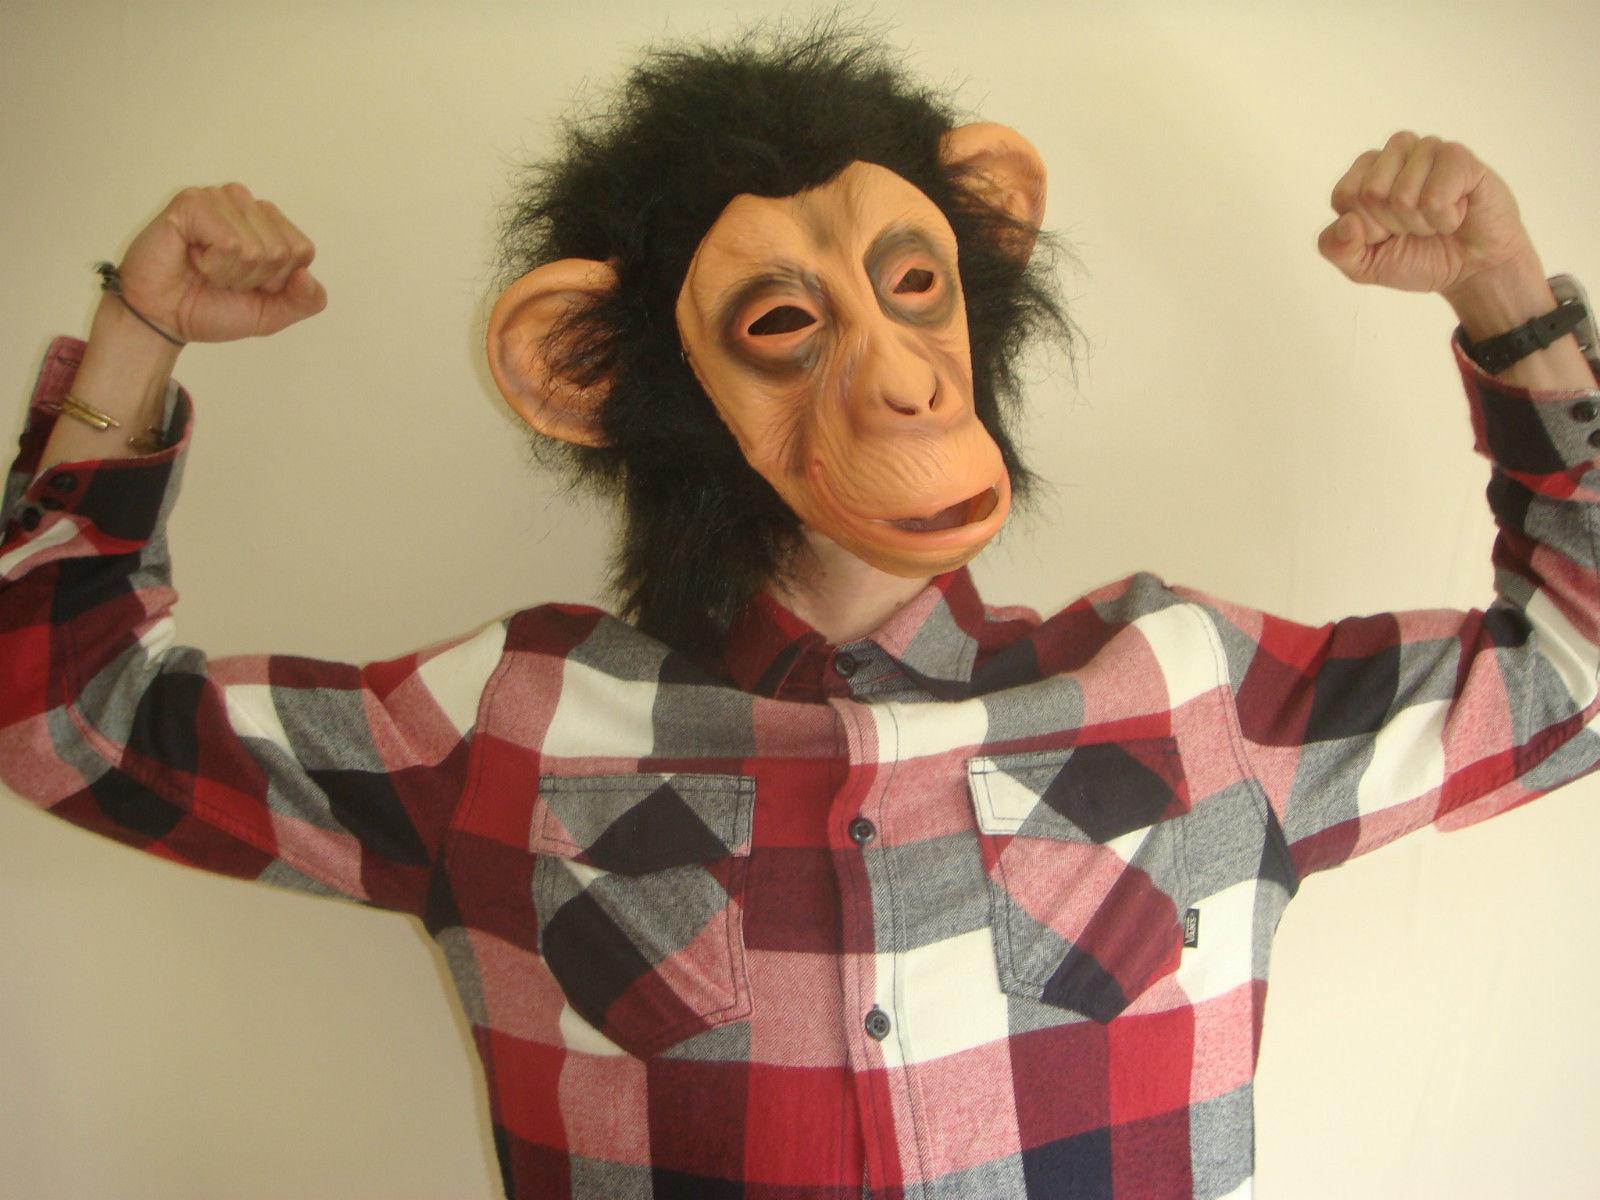 Bruno Mars Gorilla Album - newhairstylesformen2014.com